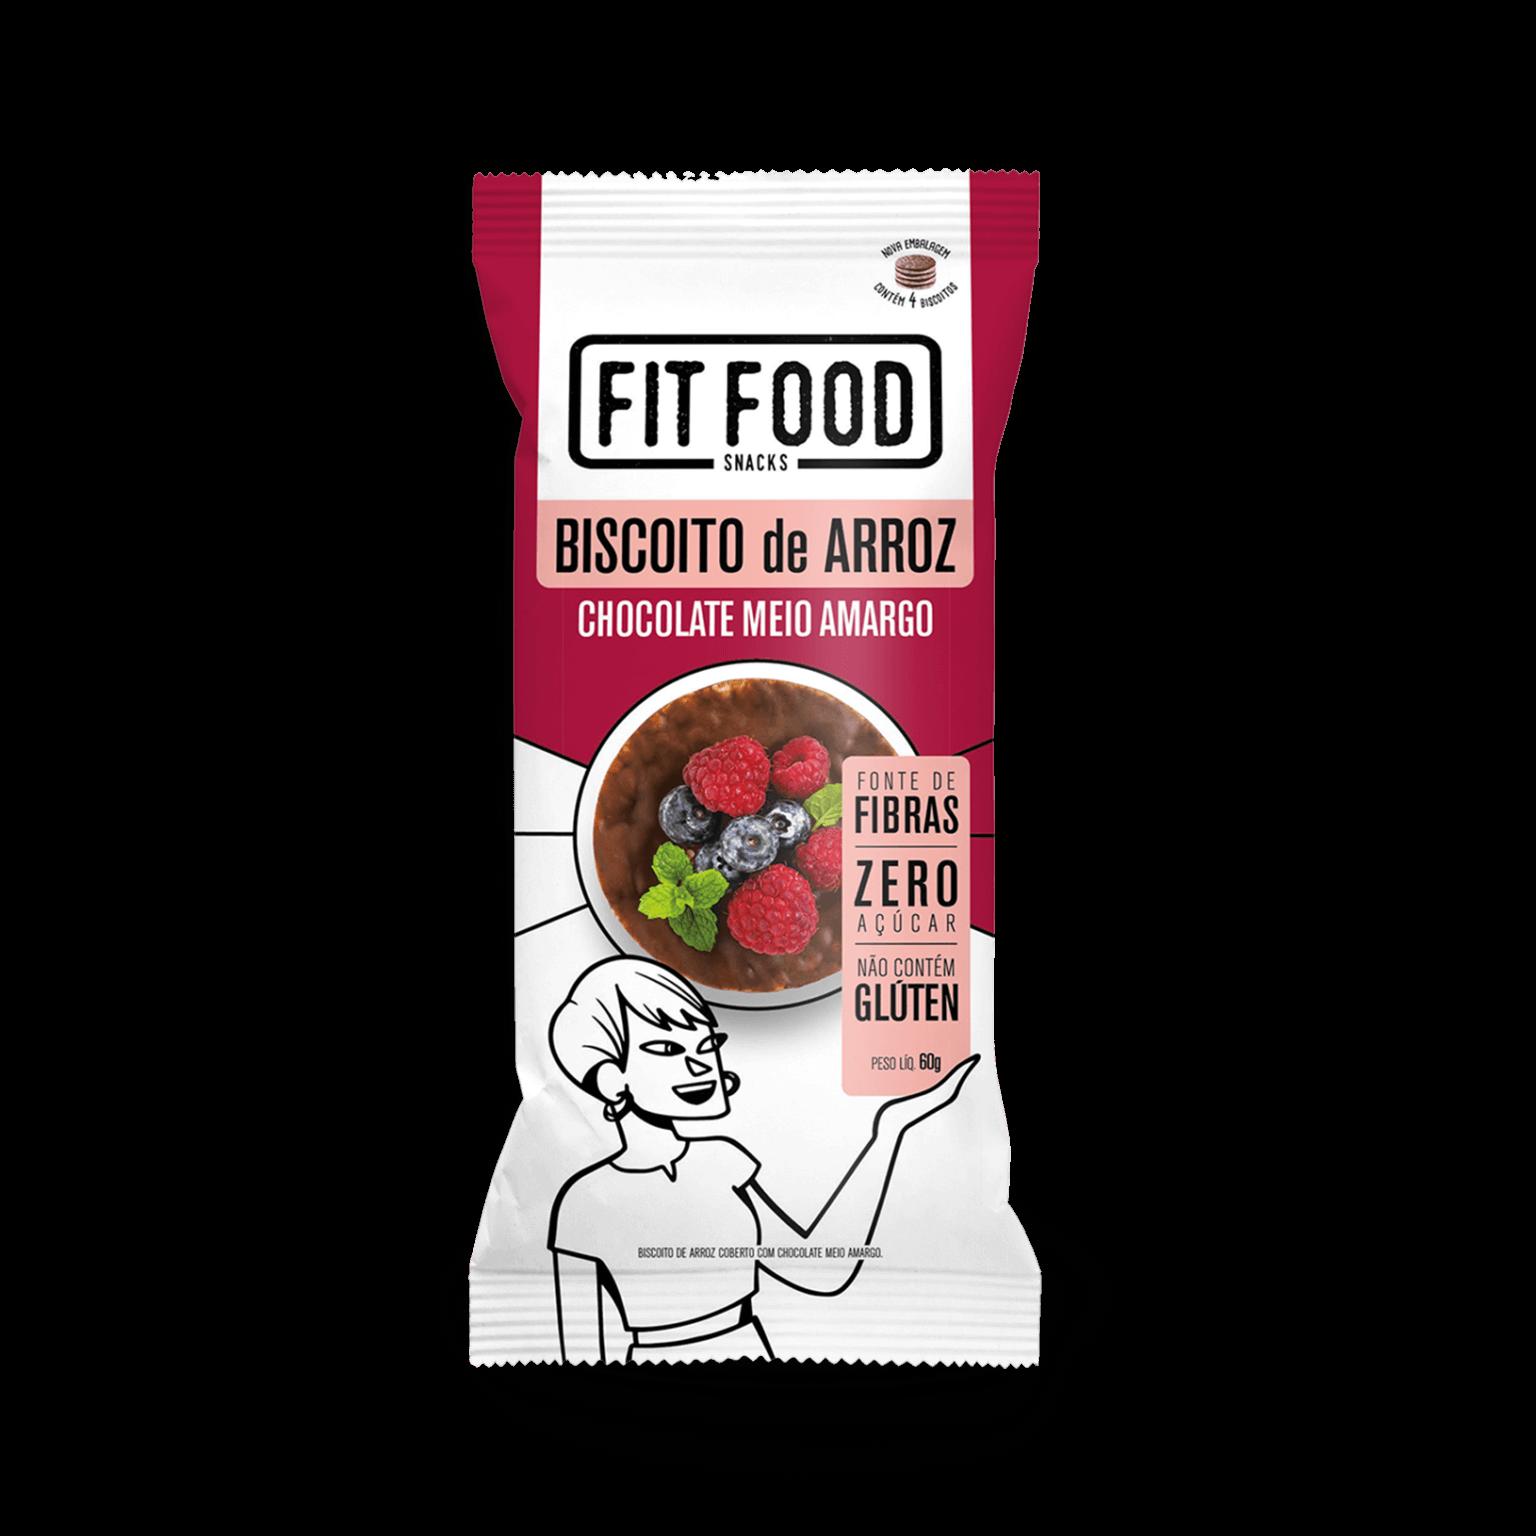 Biscoito de Arroz com Chocolate Meio Amargo (70g) - Fit Food